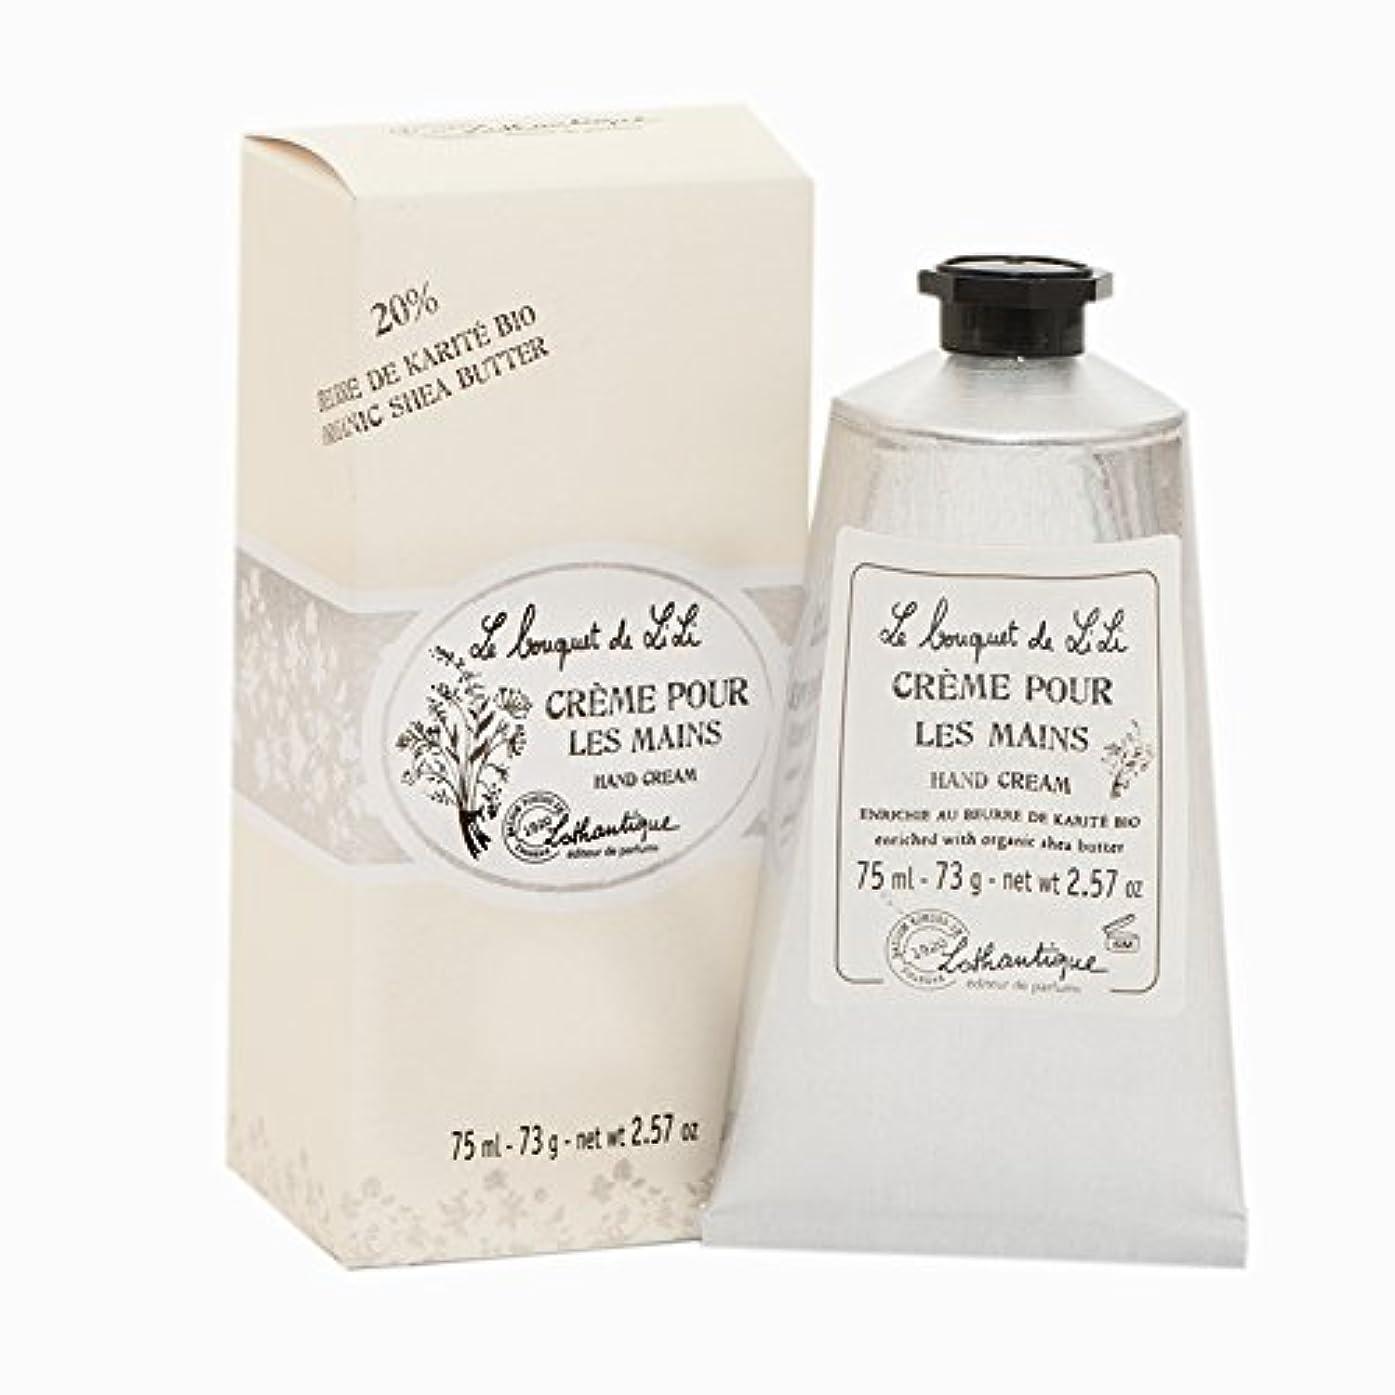 回転させる氏スクランブルLothantique(ロタンティック) Le bouquet de LiLi(ブーケドゥリリシリーズ) ハンドクリーム 75ml 3420070029096